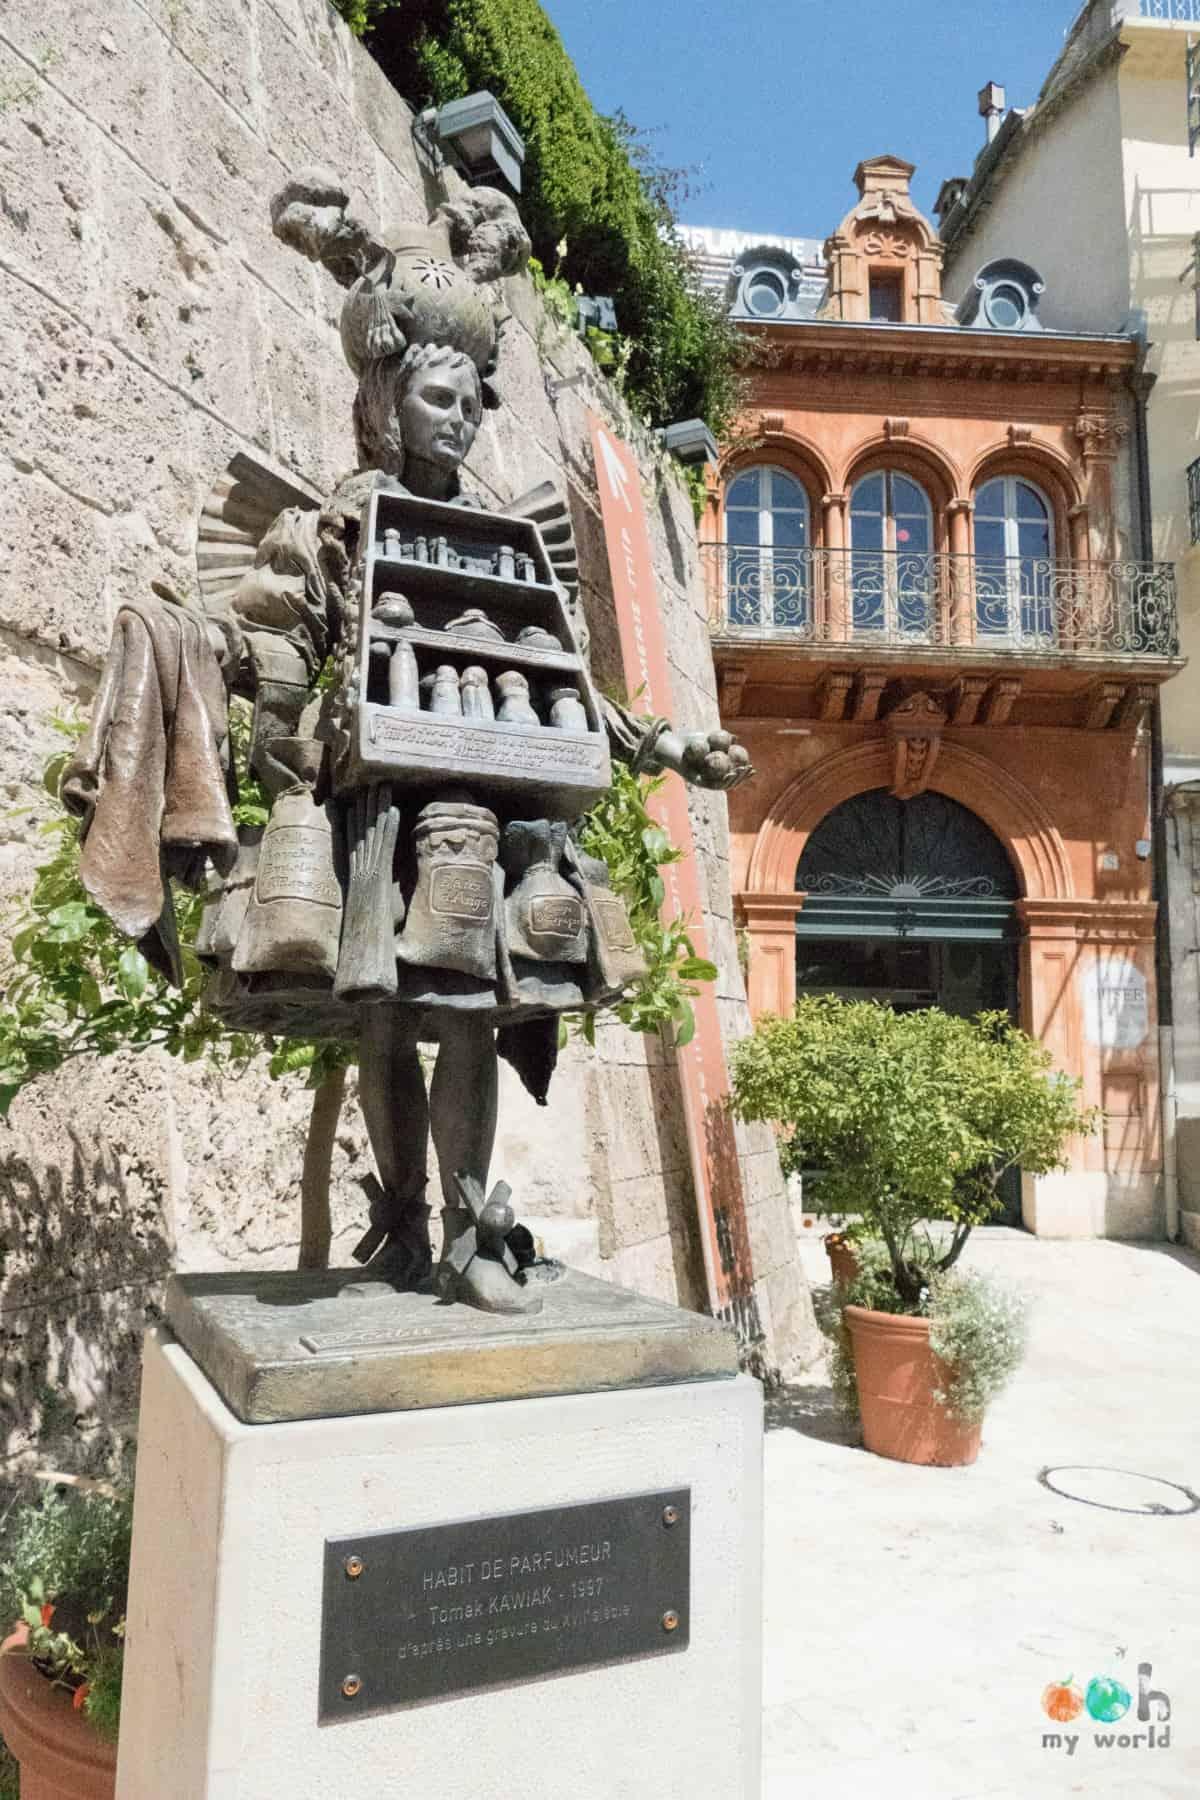 Musée de la parfumerie de Grasse